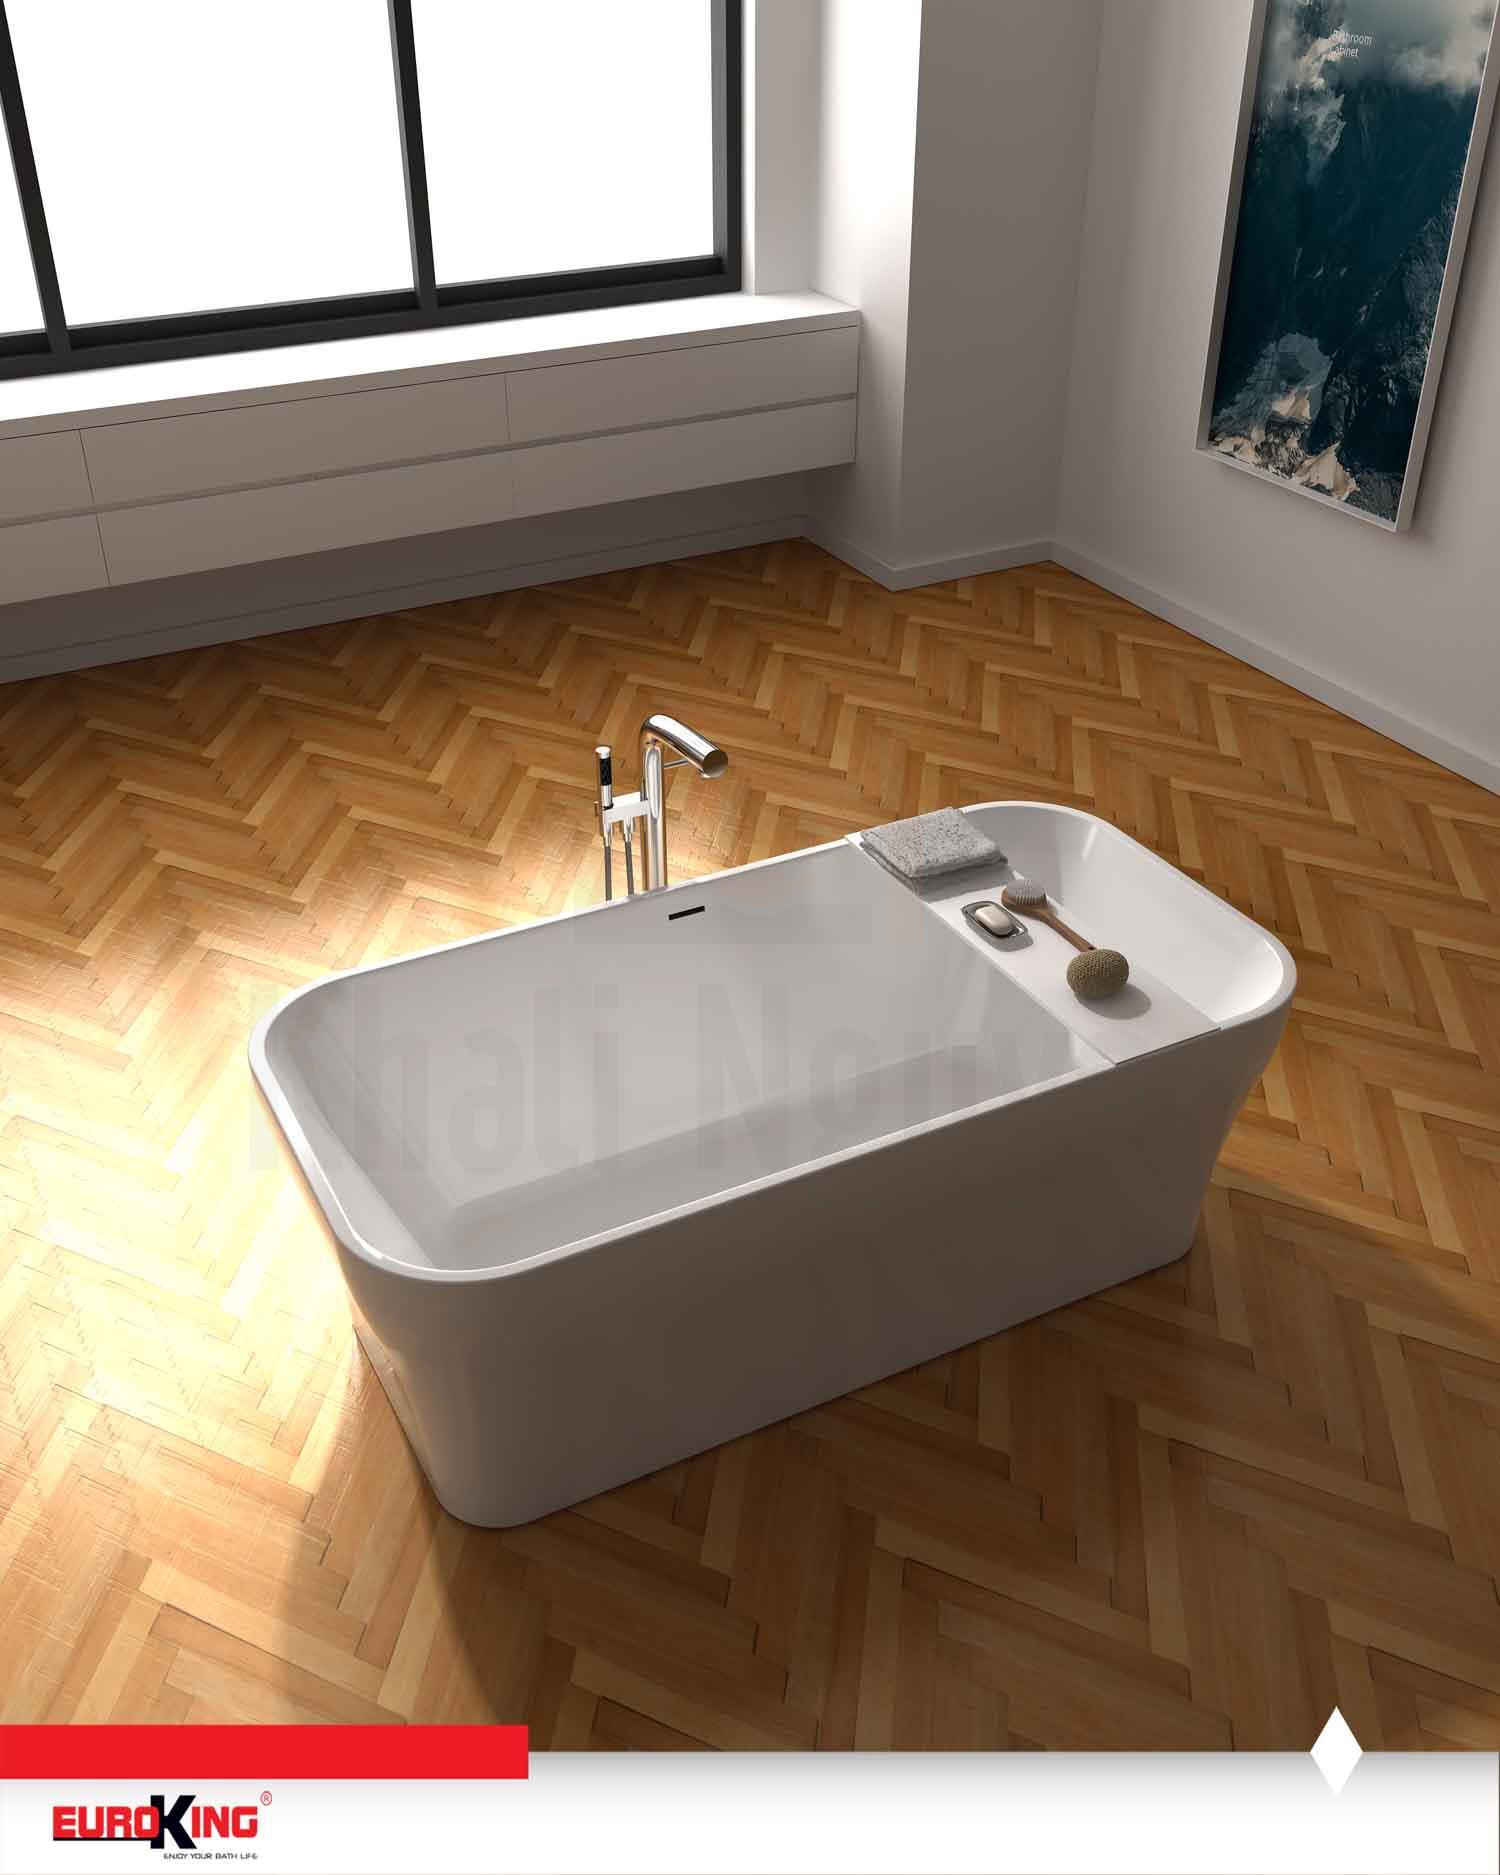 Bồn tắm Vanessa EU-6028 - Hình 7